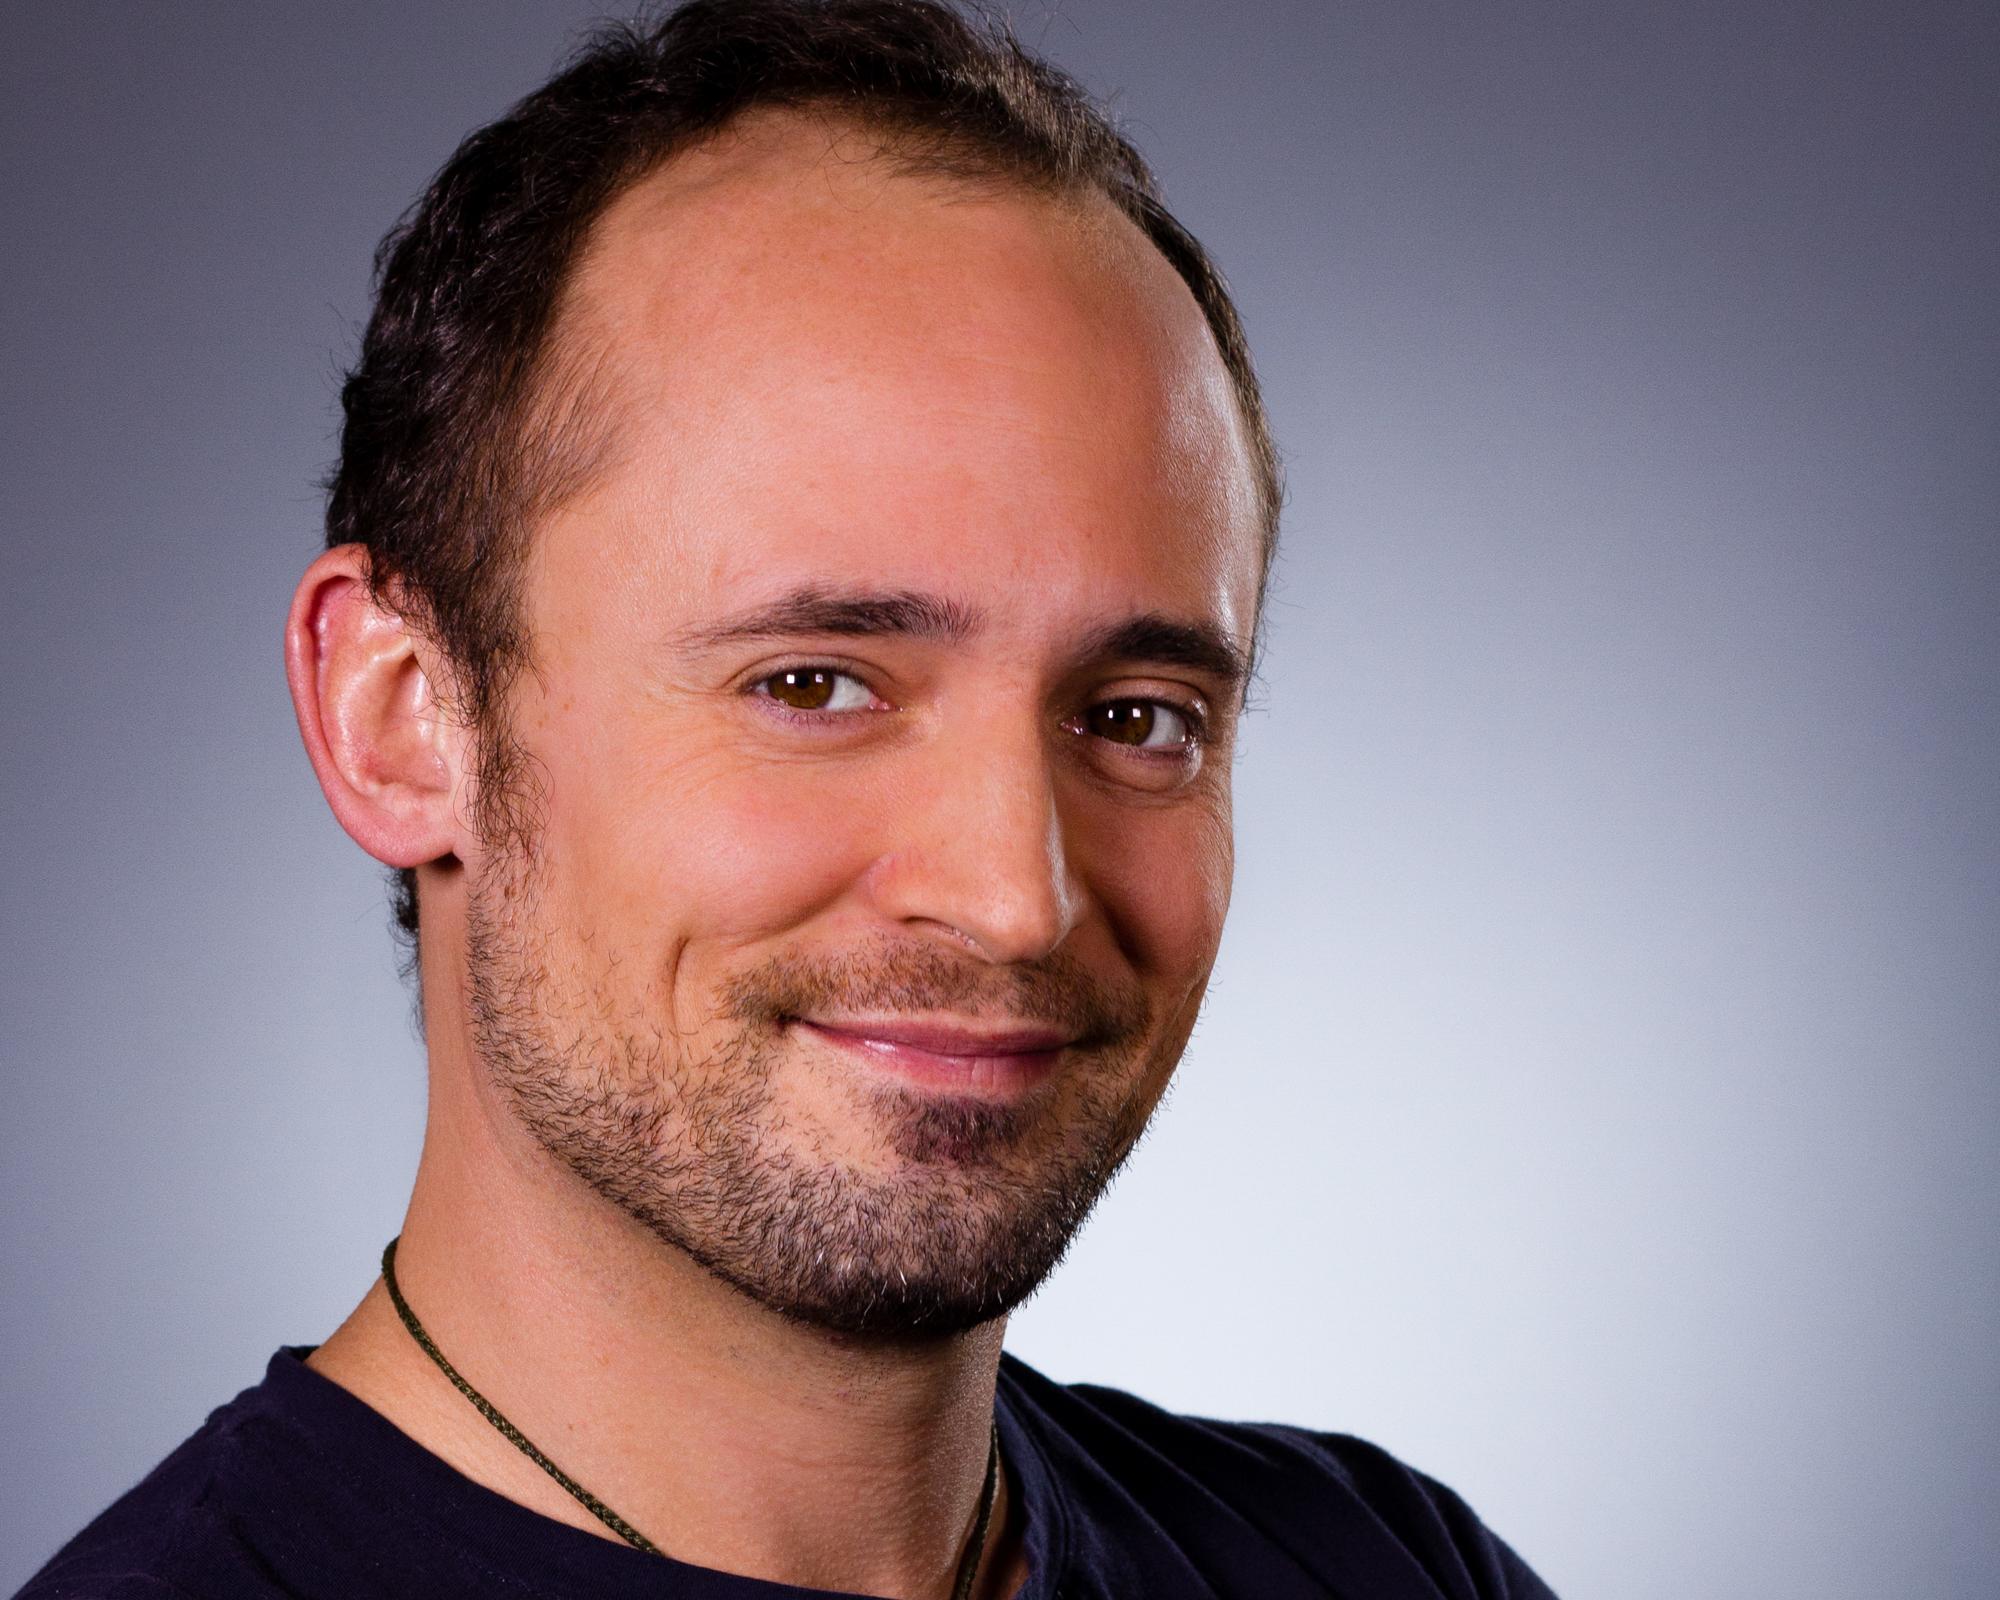 Ryan Pilz